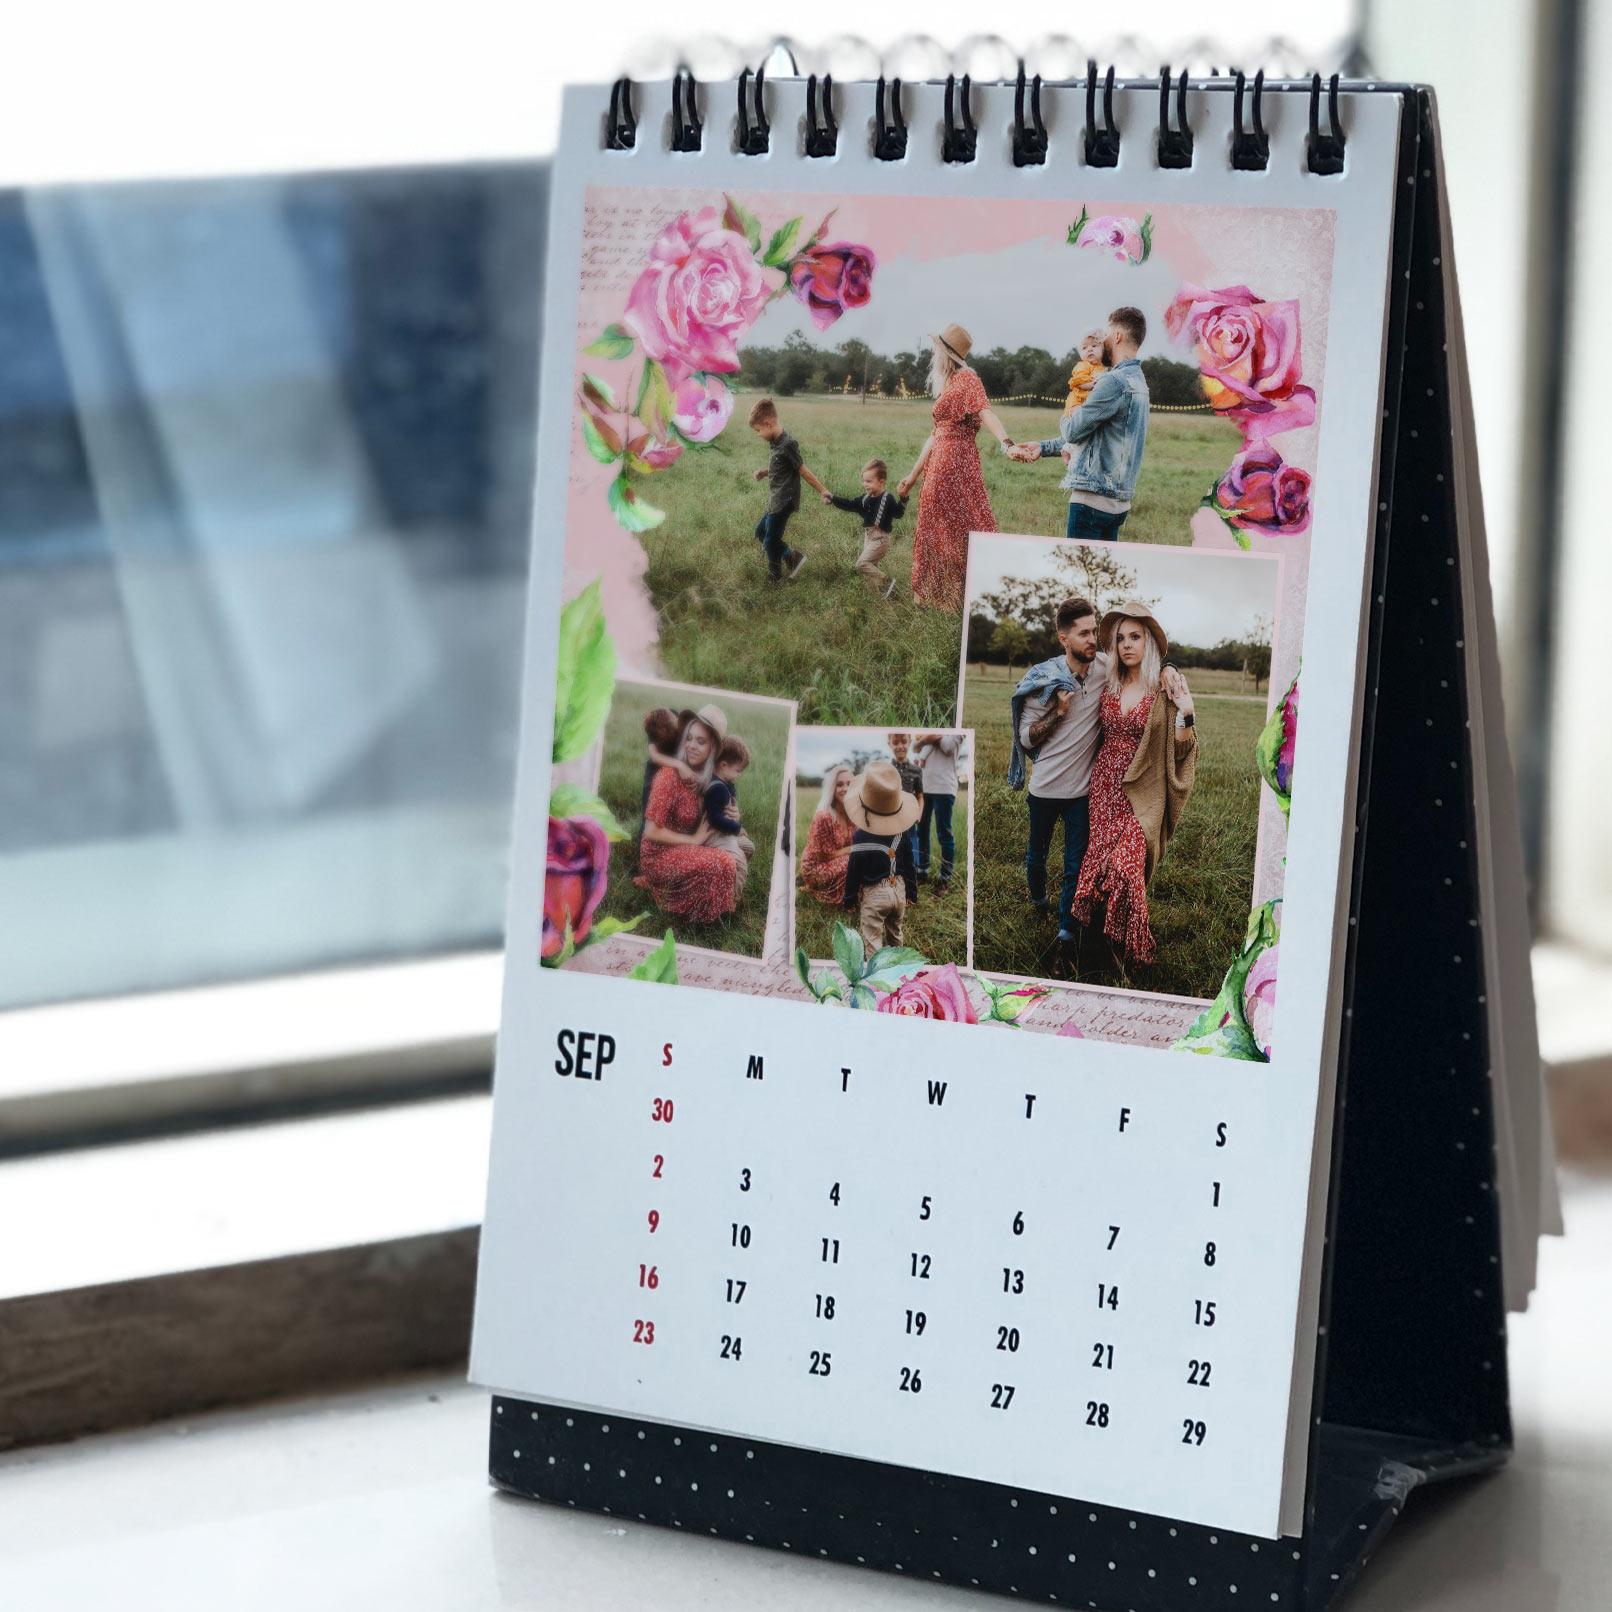 Mit Blumen verzierte Fotocollage in einem Fotokalender